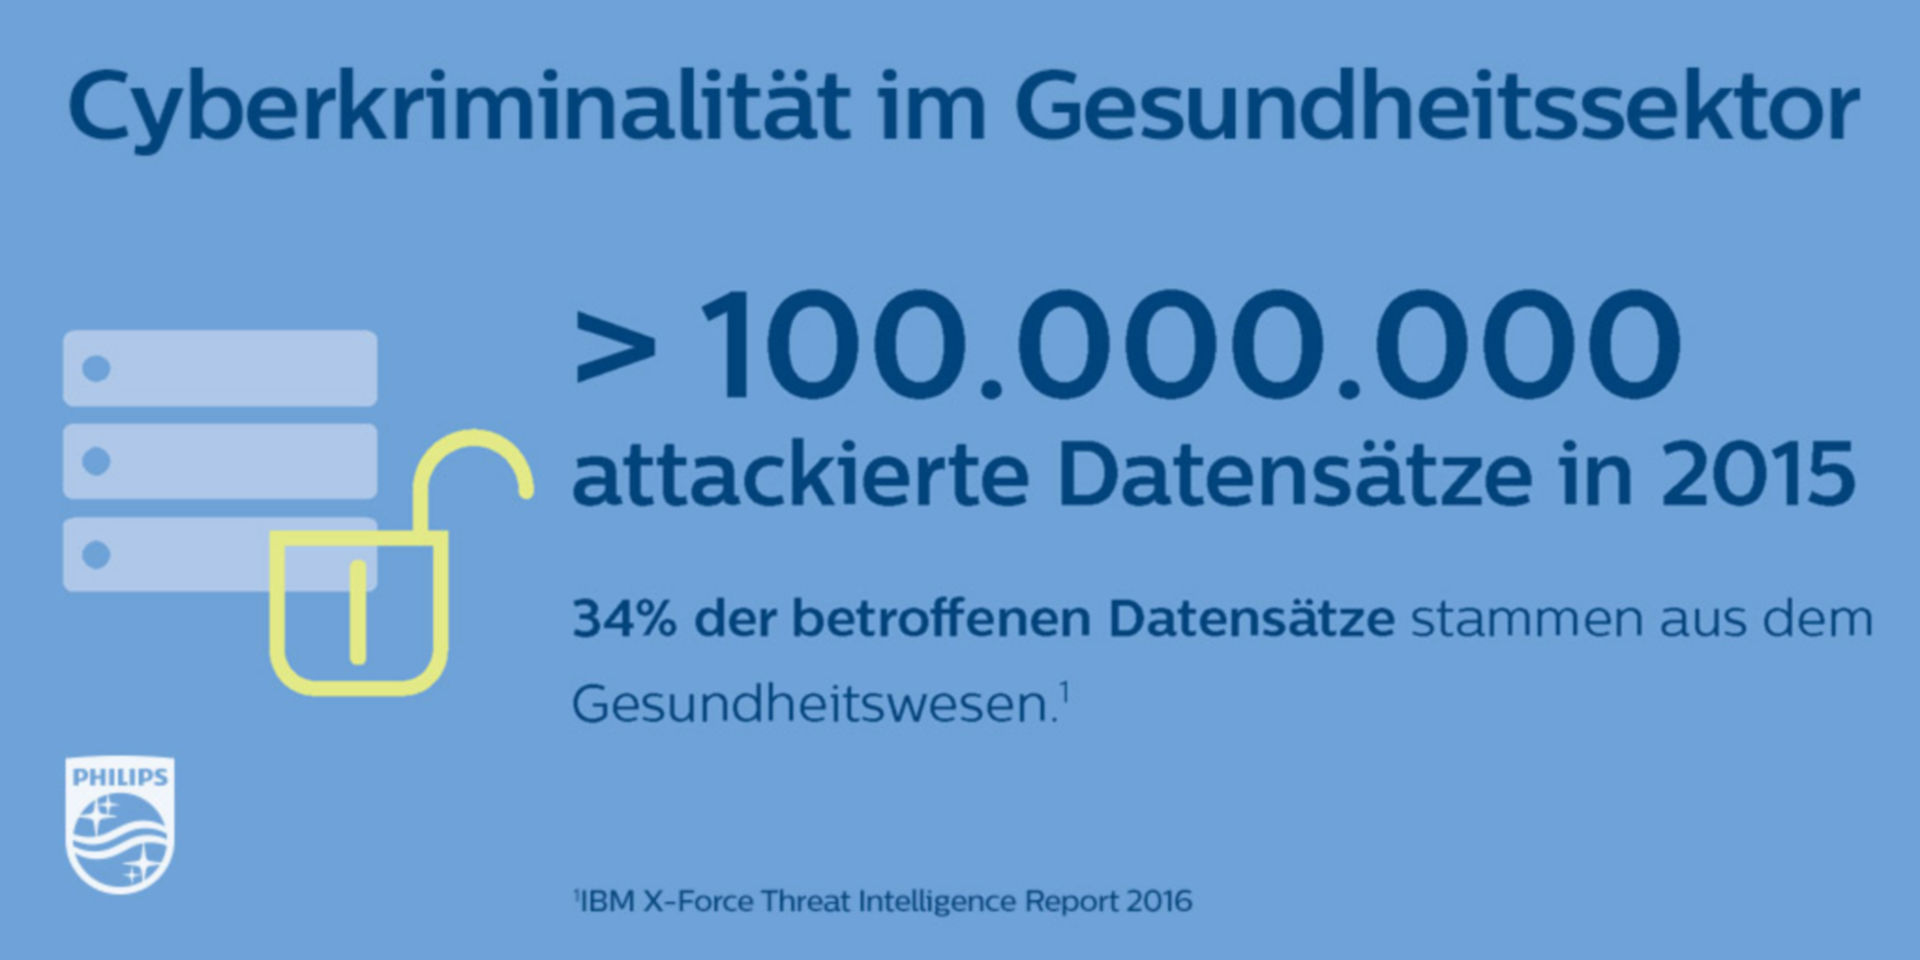 Cyberkriminalität im Gesundheitssektor